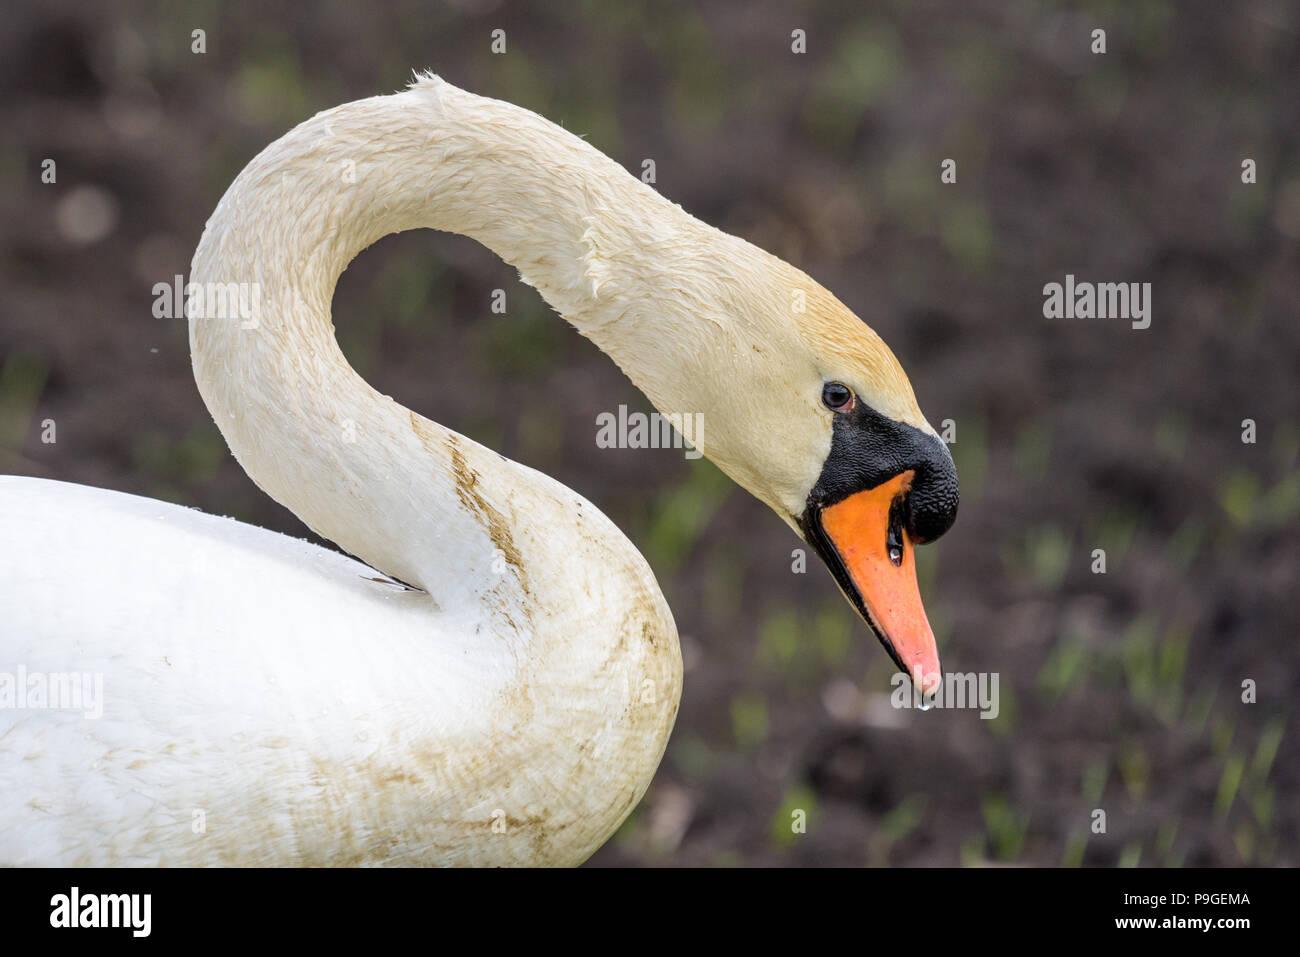 Porträt einer Mute swan (sygnus olor). Die Schwan hat gerade das Wasser links und Wassertropfen sind immer noch auf den Federn und Schnabel sichtbar. Stockbild